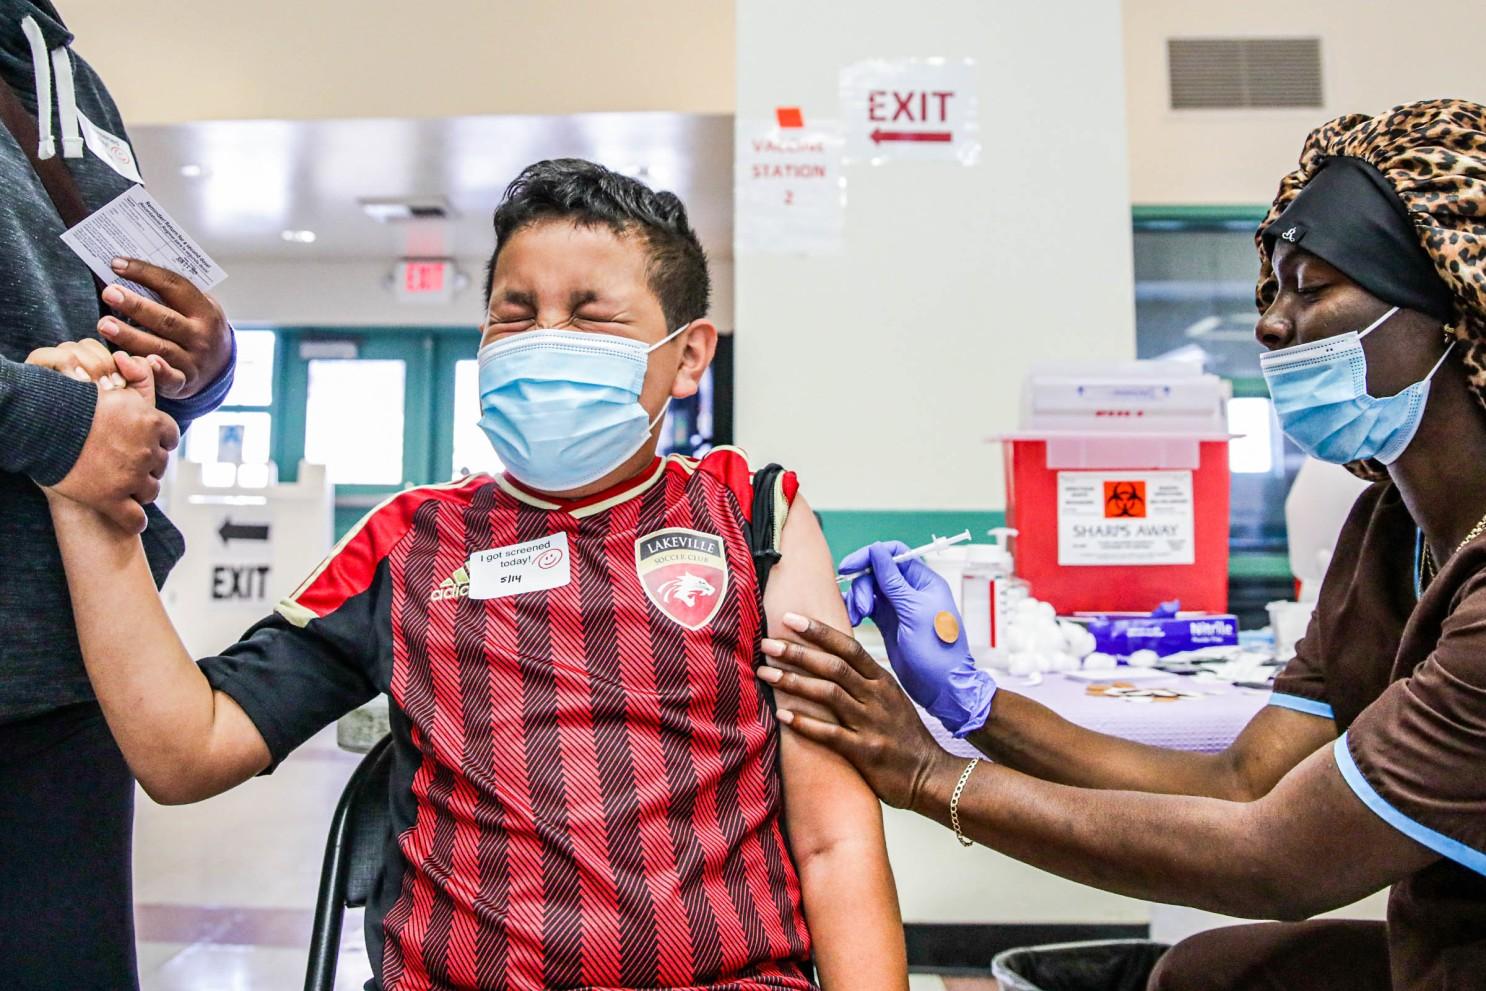 未滿12歲的兒童仍無法接種疫苗,面臨較高的染疫風險。洛杉磯時報